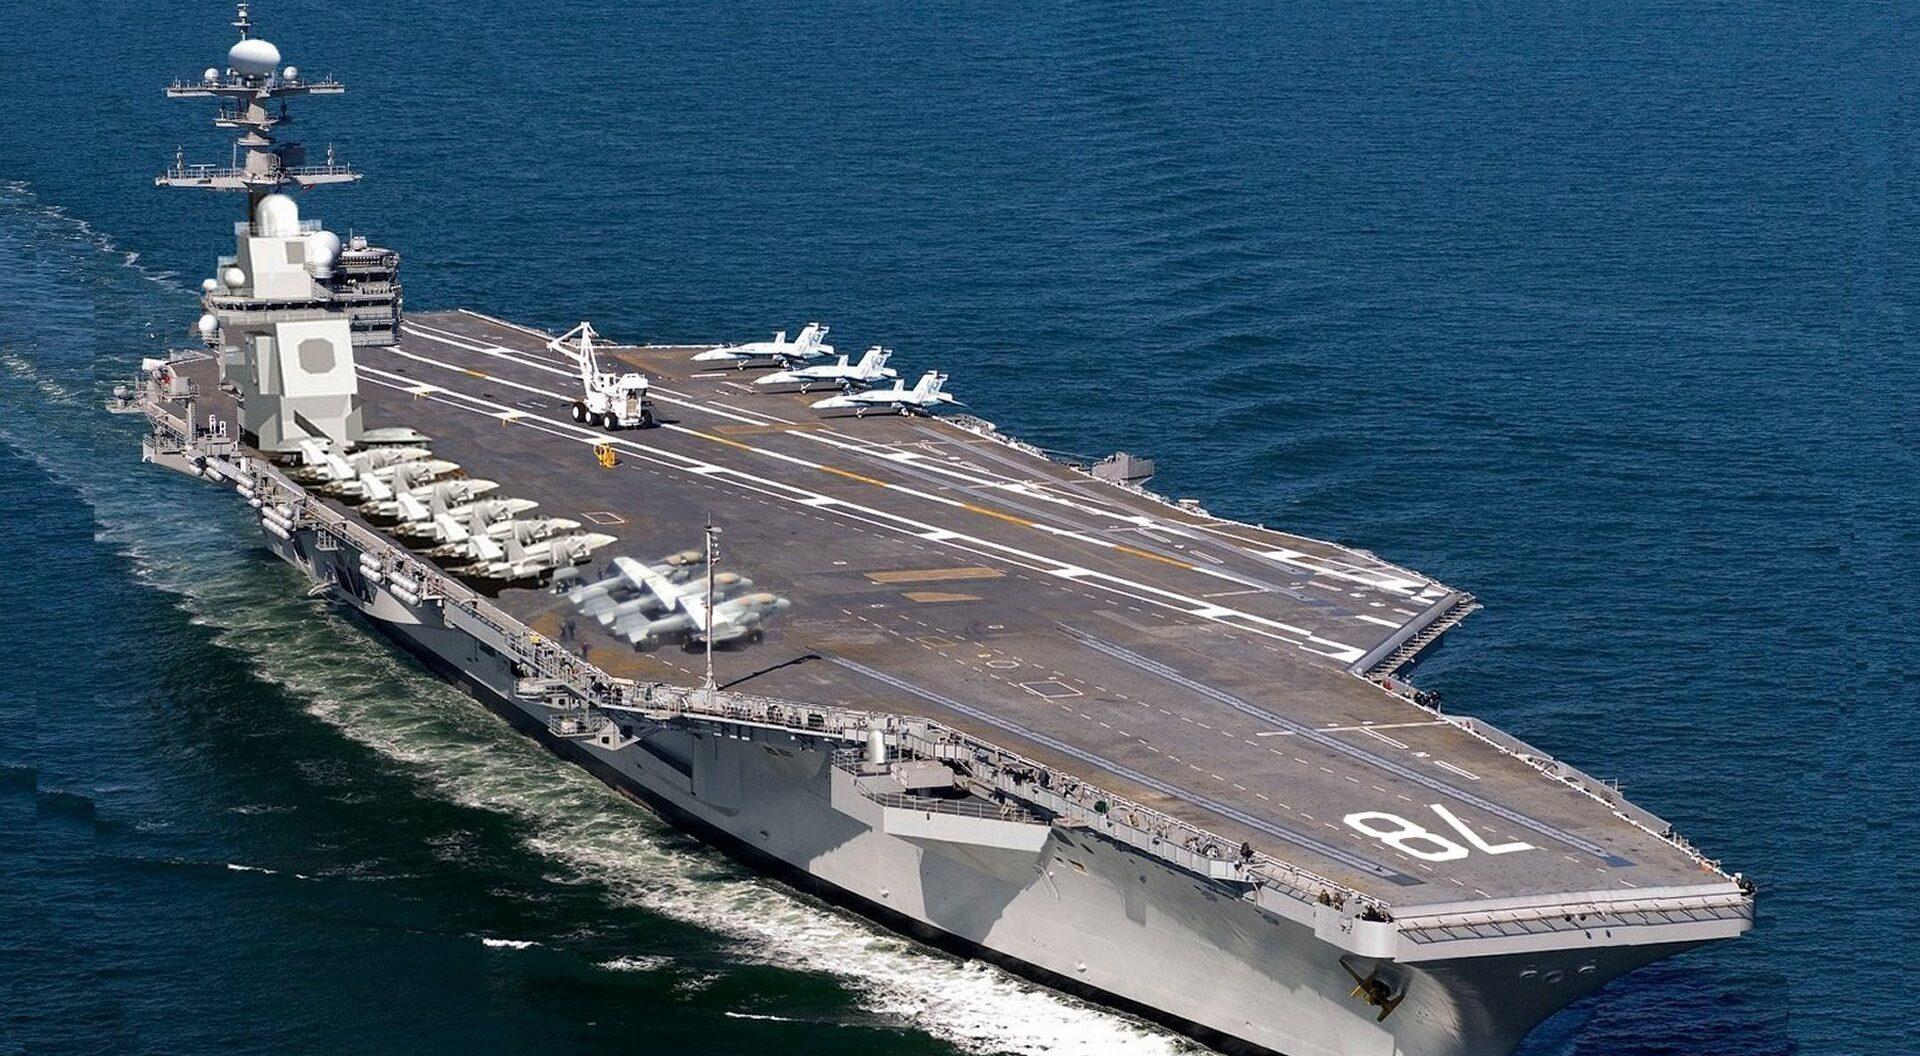 Авианосец США «Джеральд Форд» - хорошая мишень для гиперзвуковых ракет